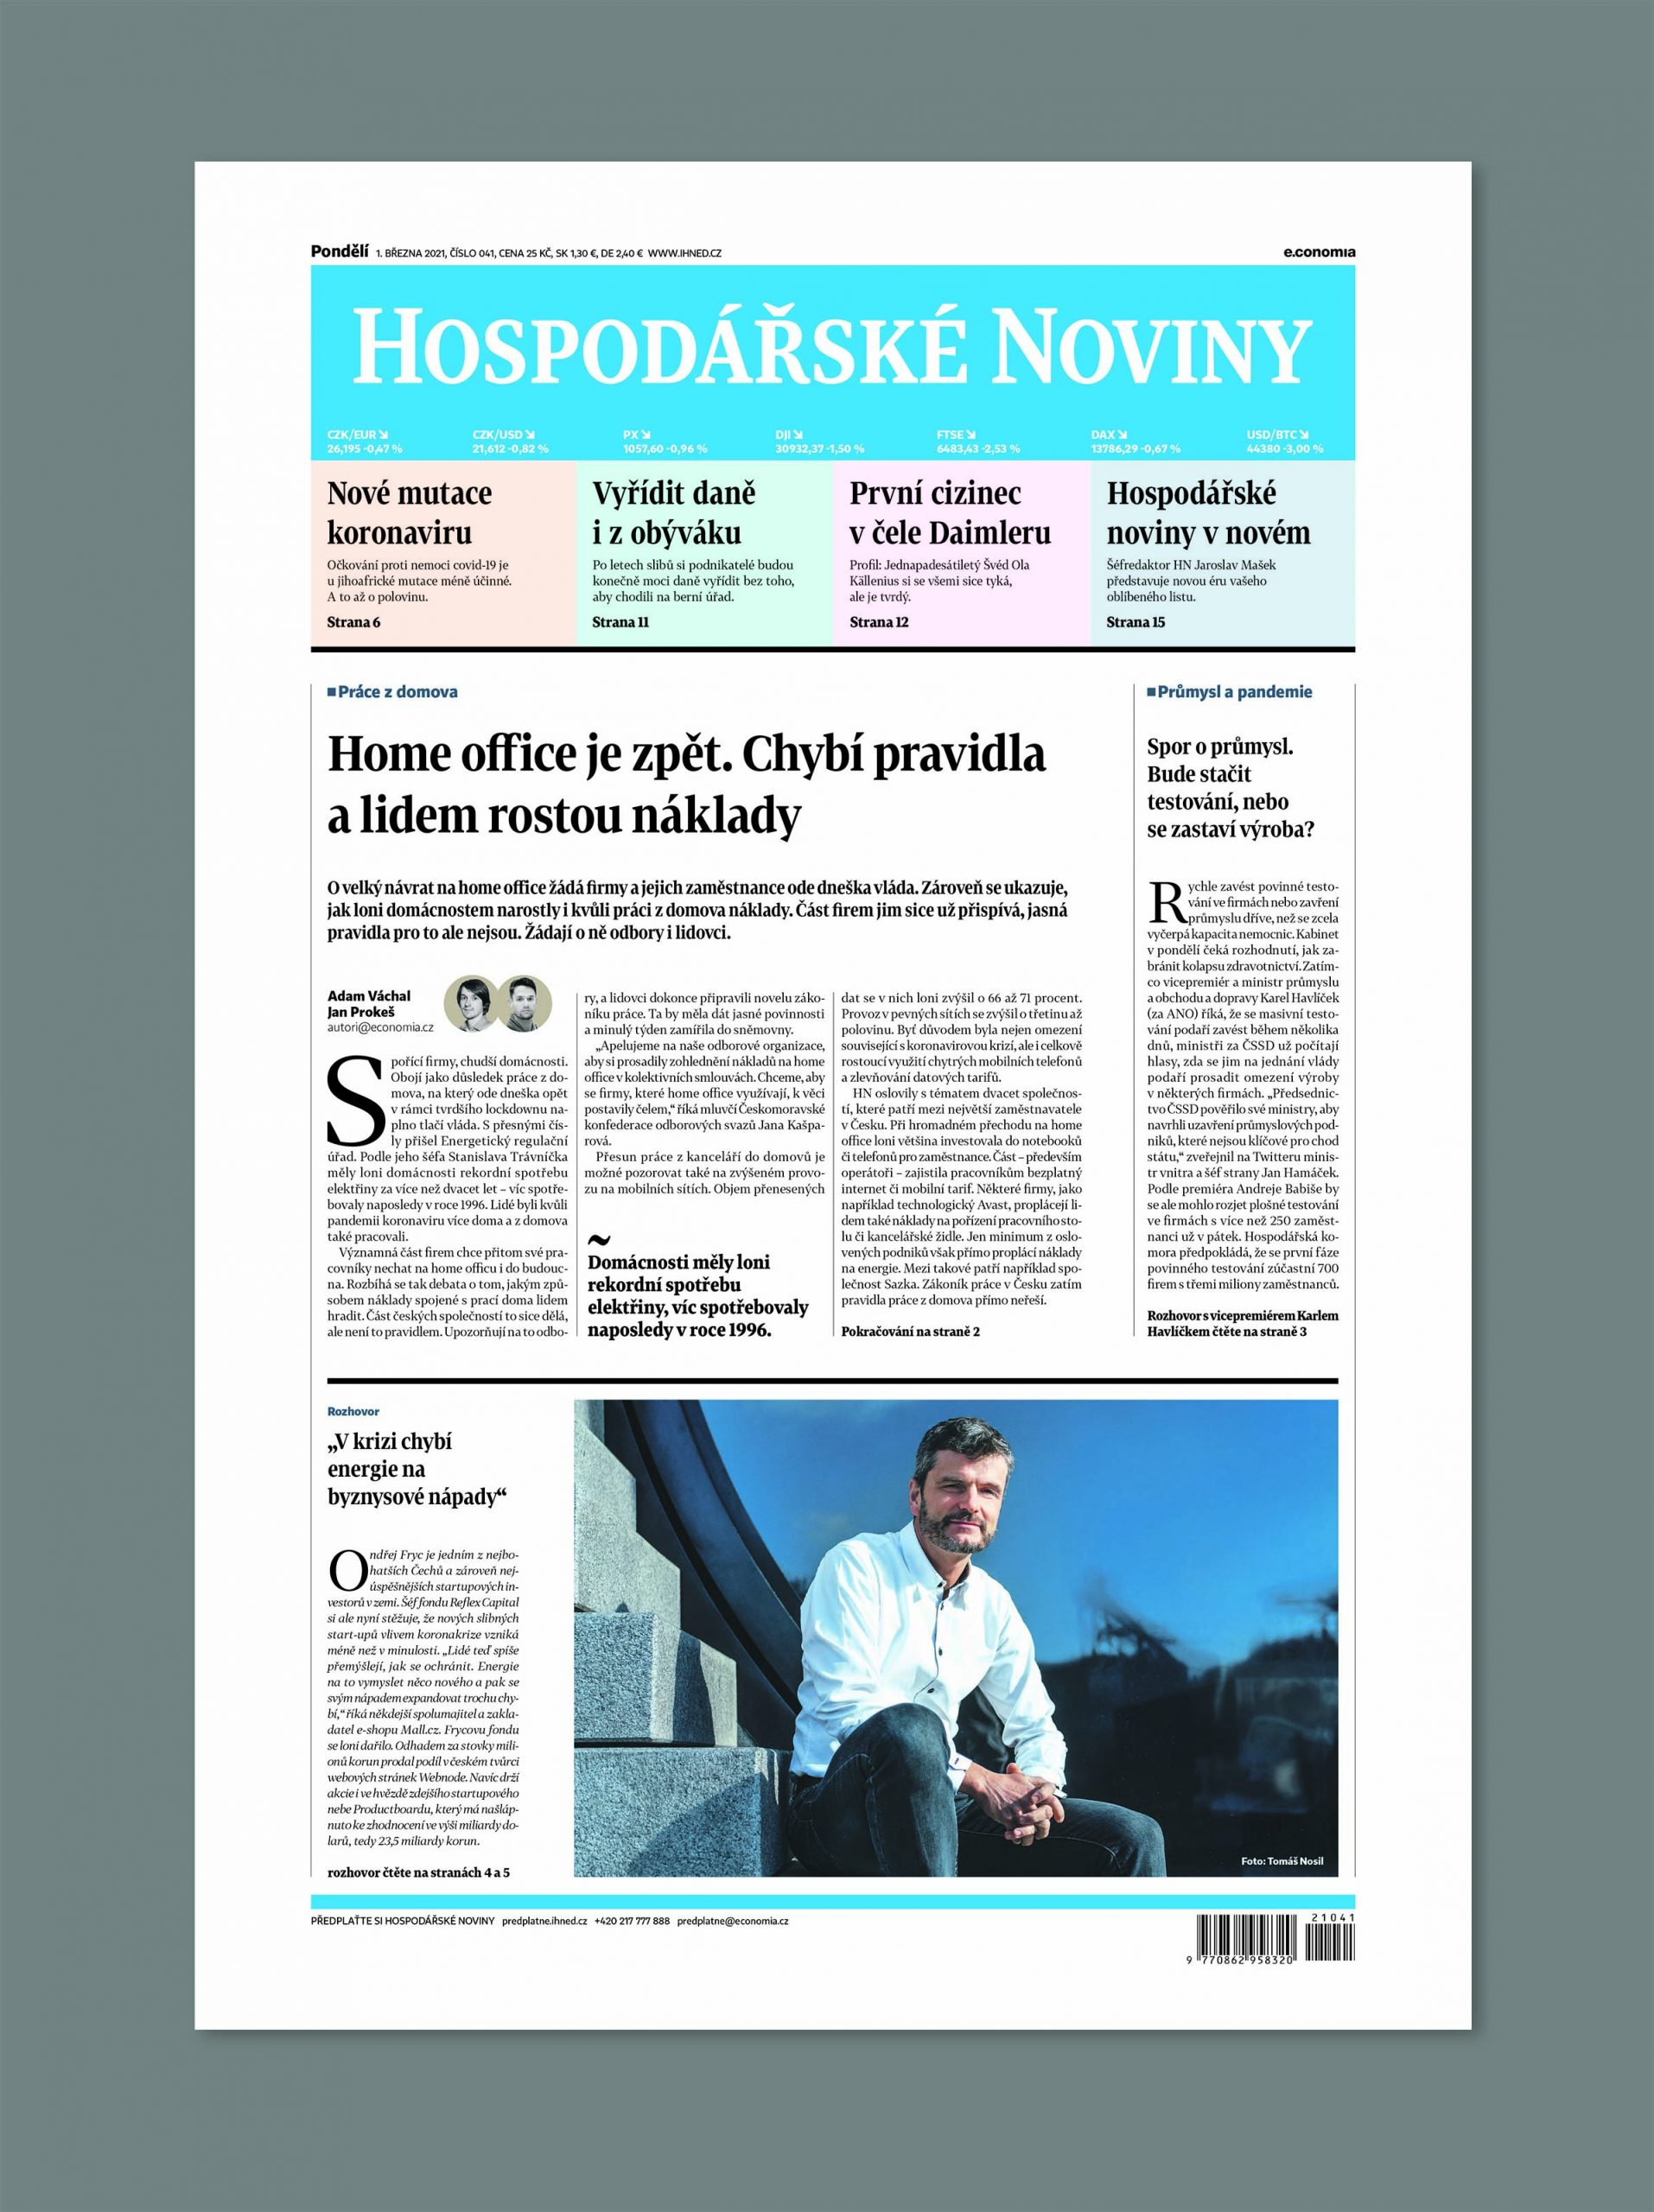 Titulní strana Hospodářských novin z 1. března